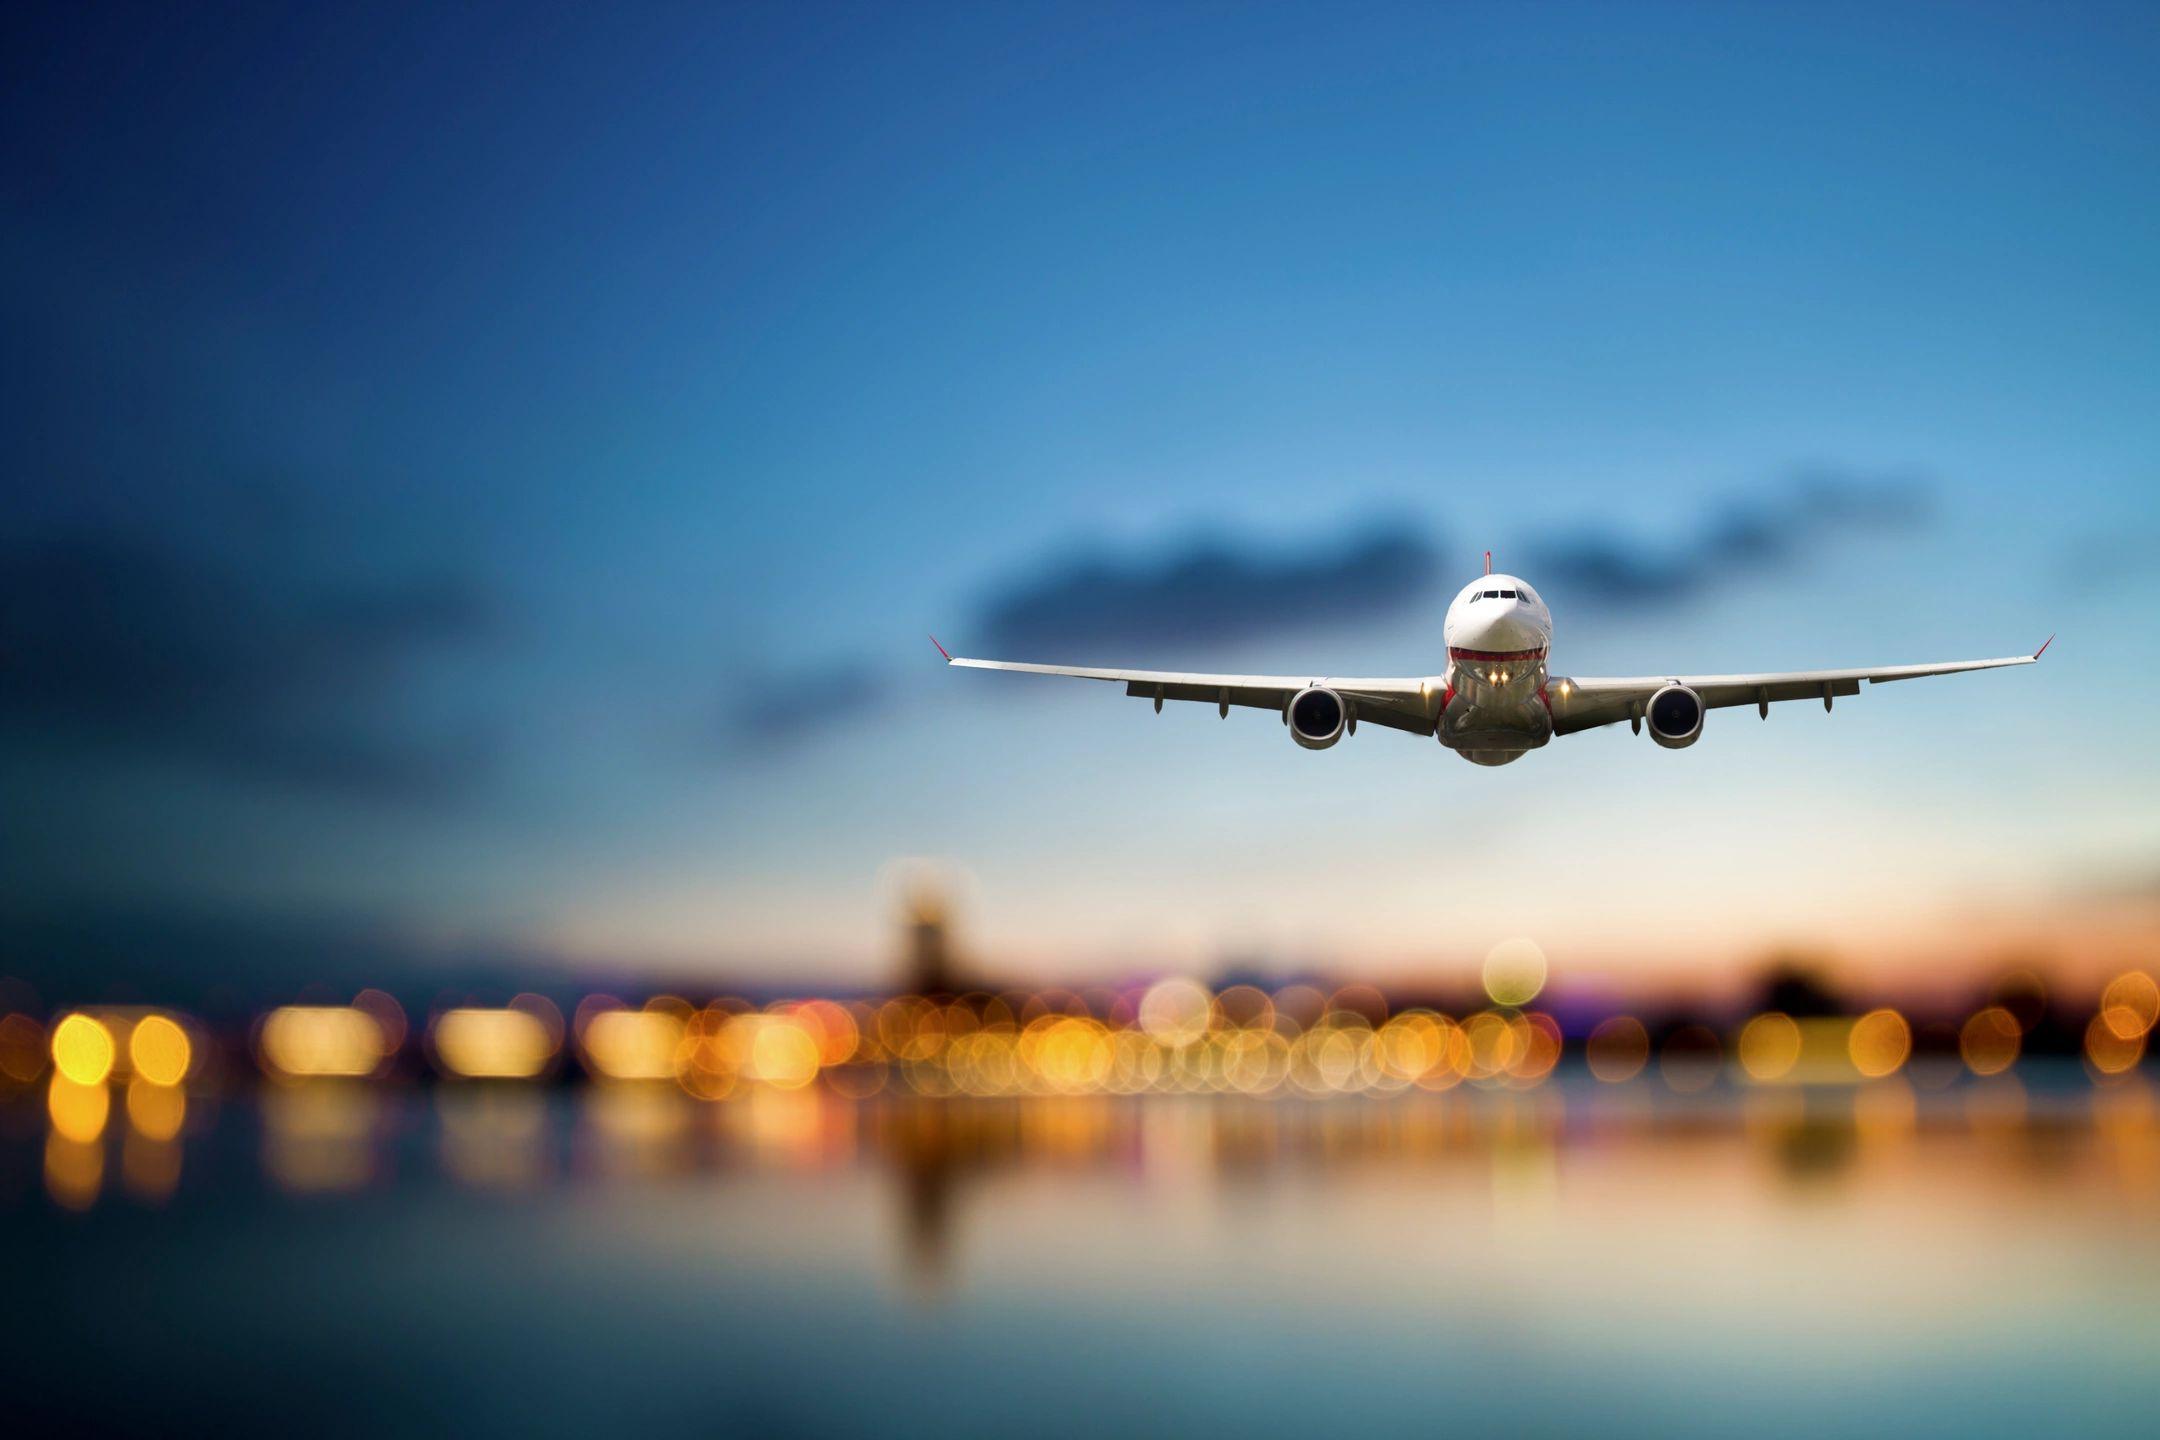 טיסות זולות? קבלו 5 טיפים למצוא את הטיסות הכי זולות ברשת